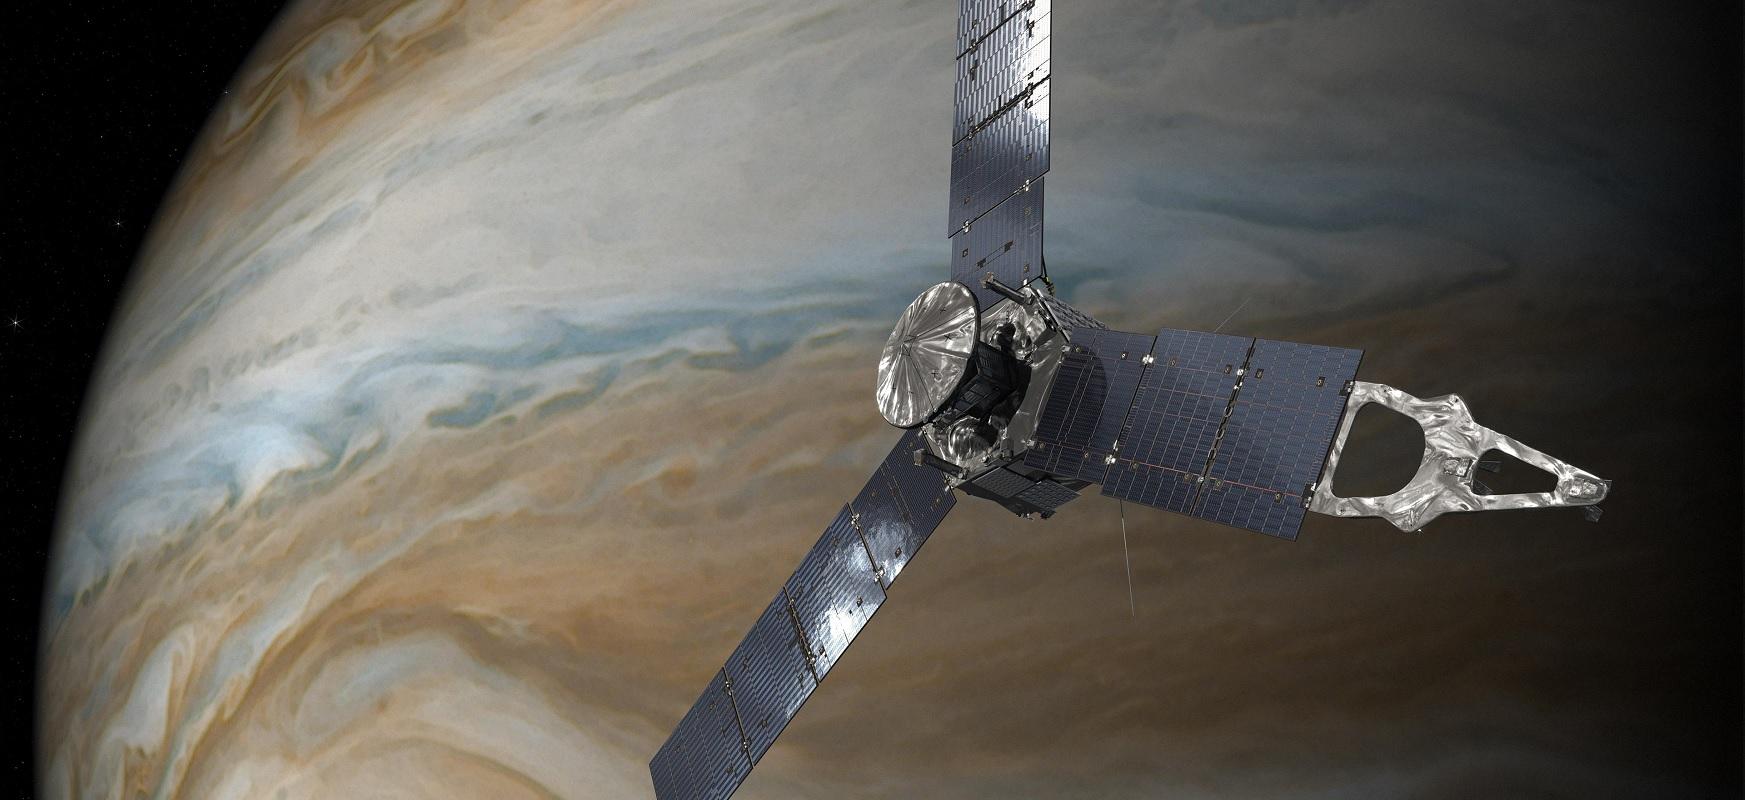 Zientzialariek ezin dute azaldu zer ikusten duten Jupiterren irudi berrian